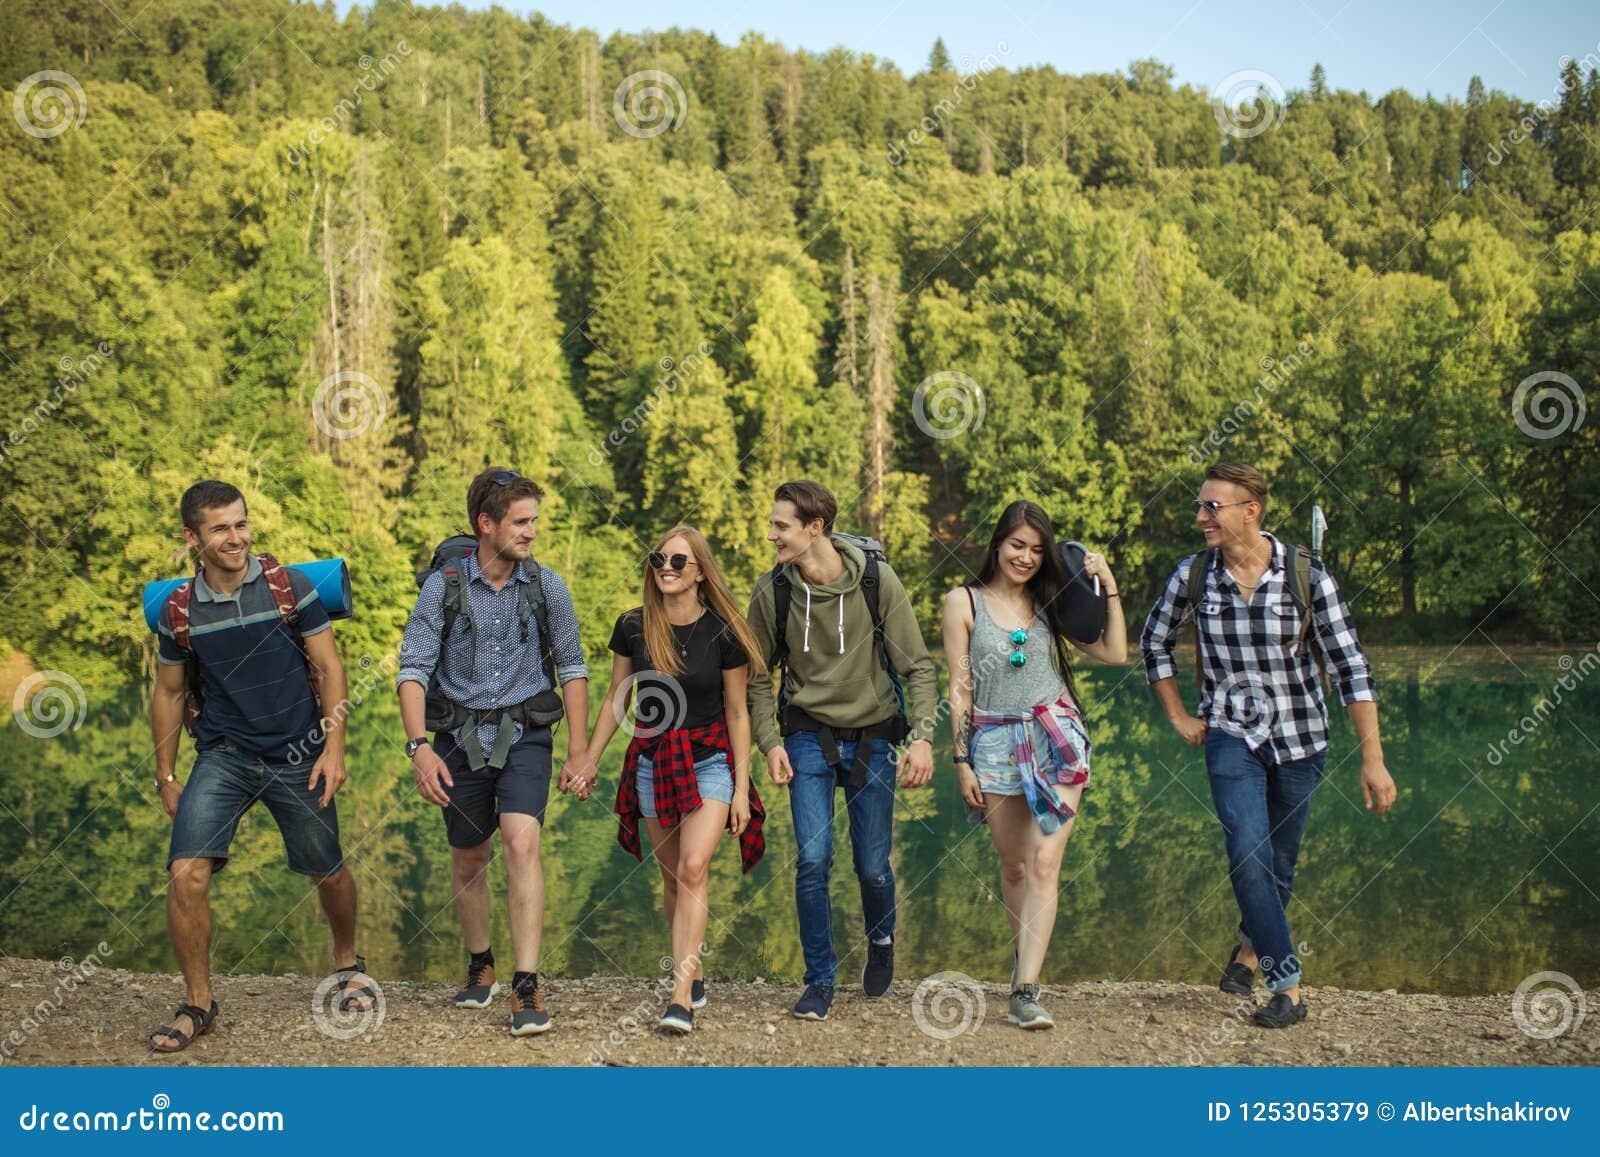 Positiv, lächelnde junge Leute sind in das Reisen vernarrt